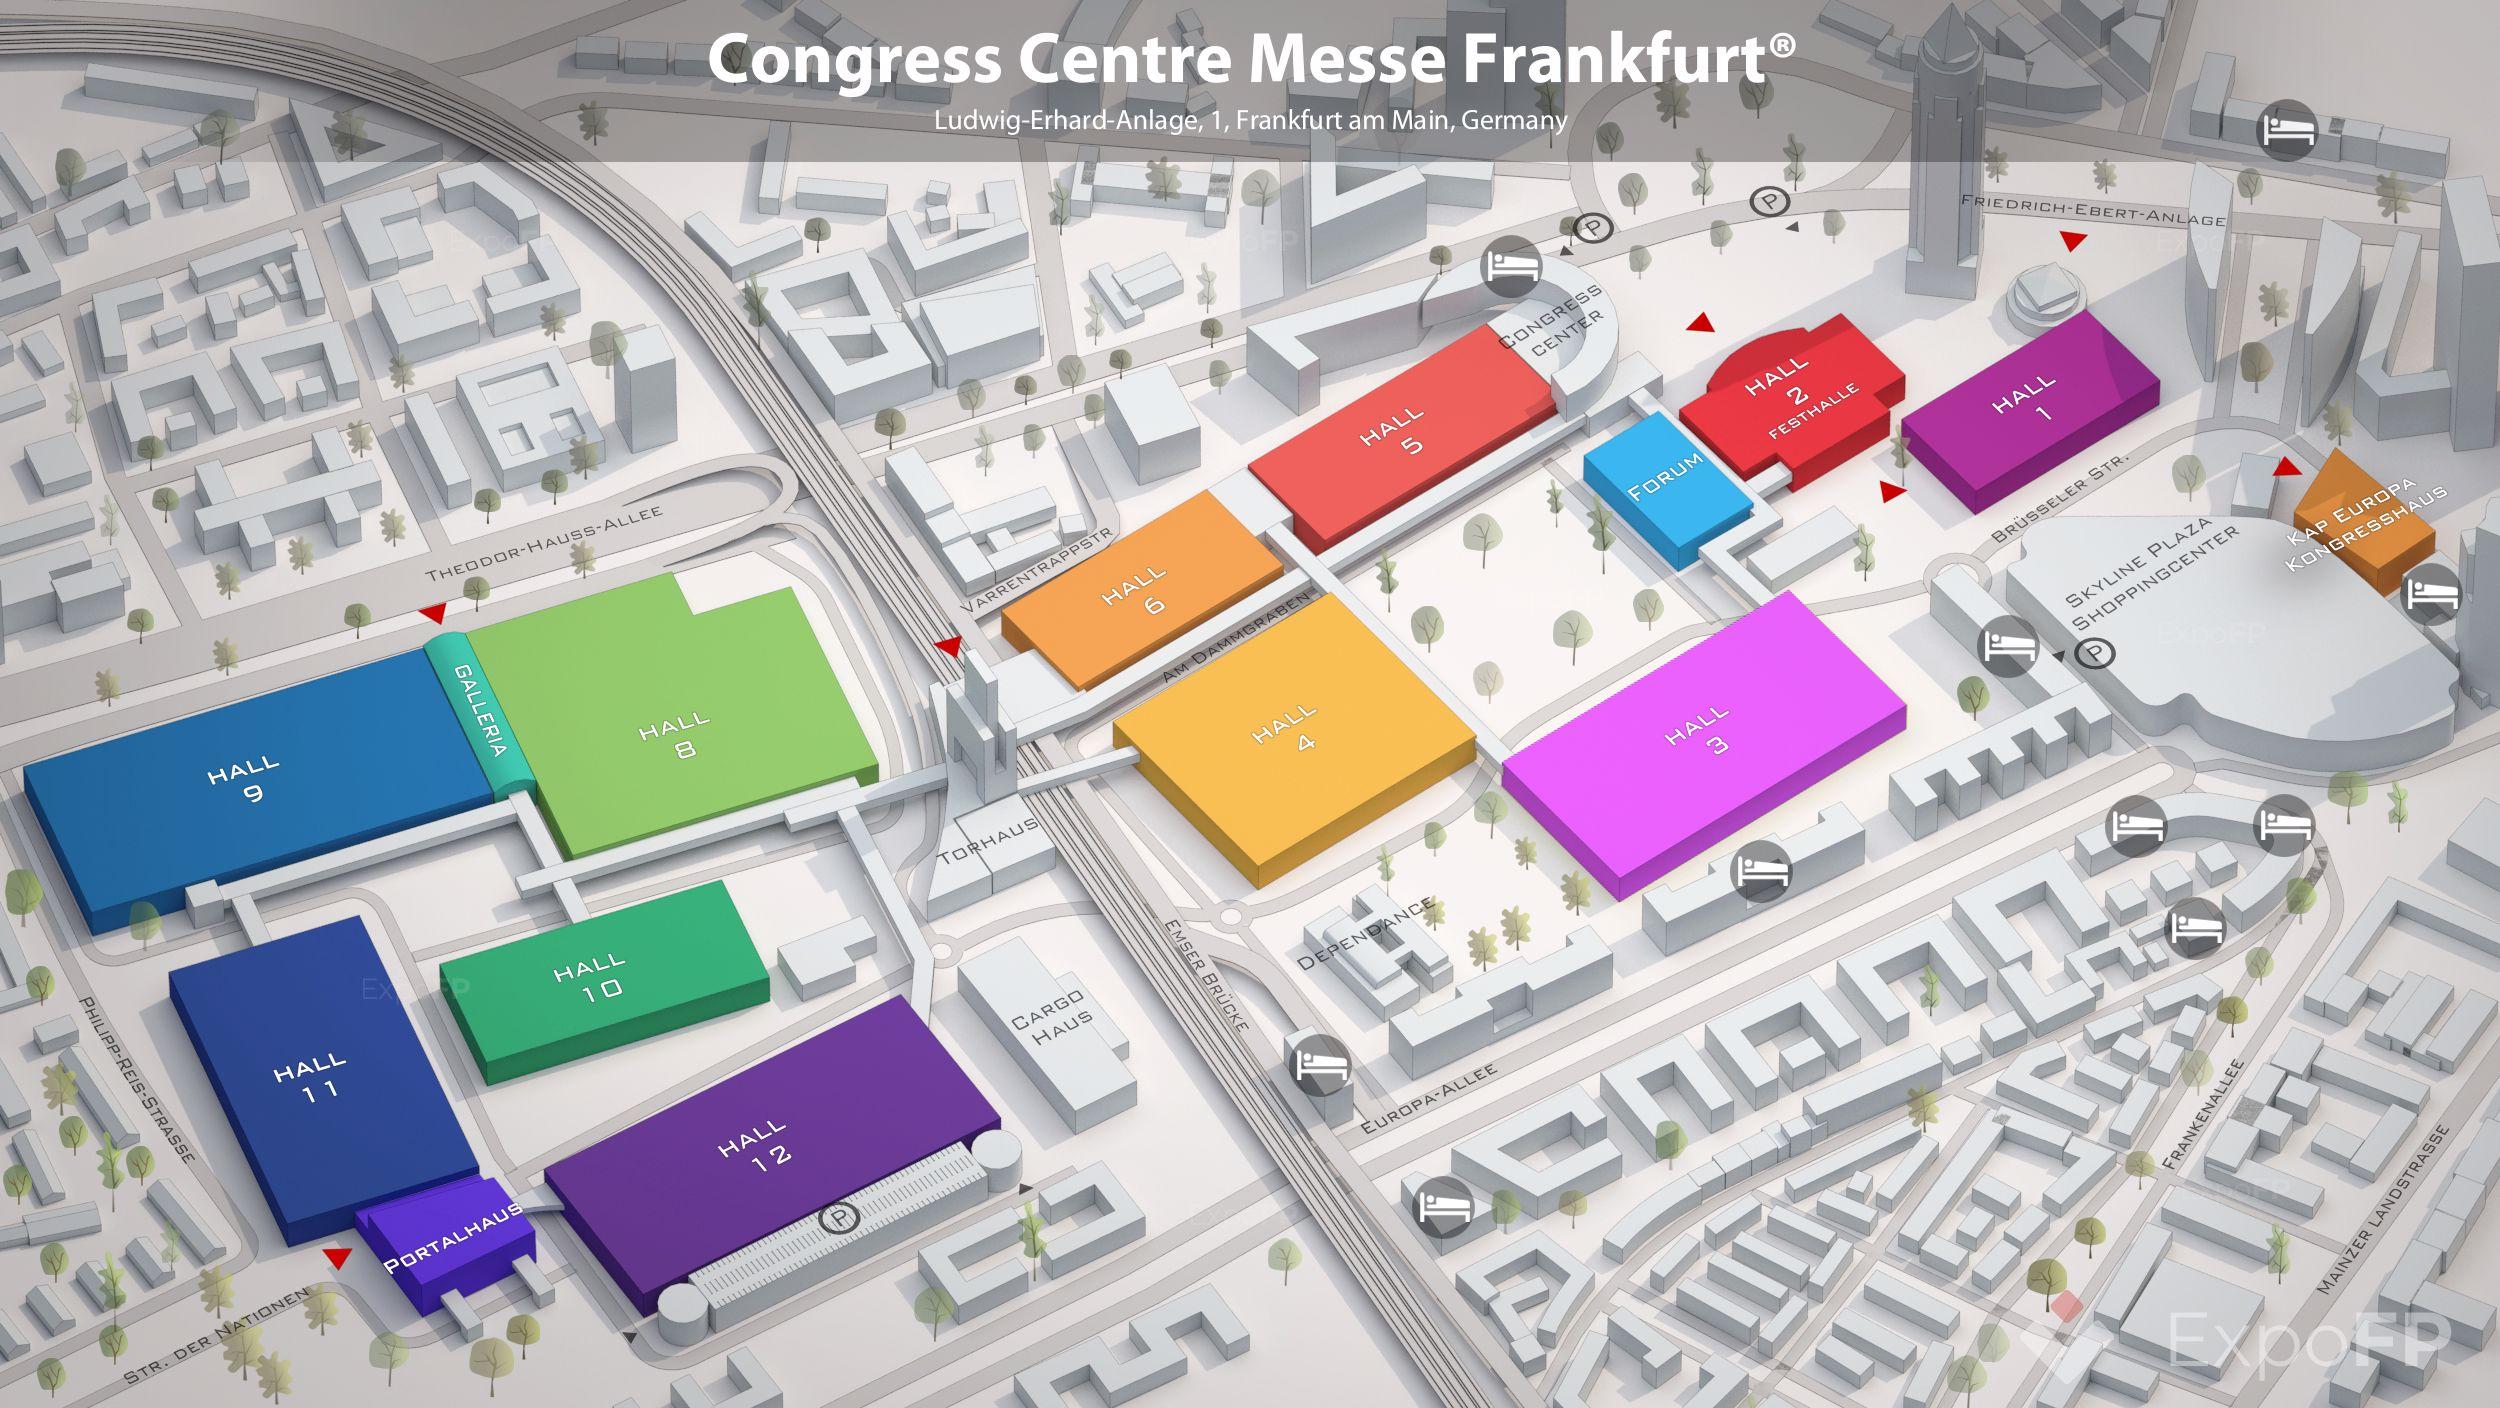 Congress Centre Messe Frankfurt Floor Plan